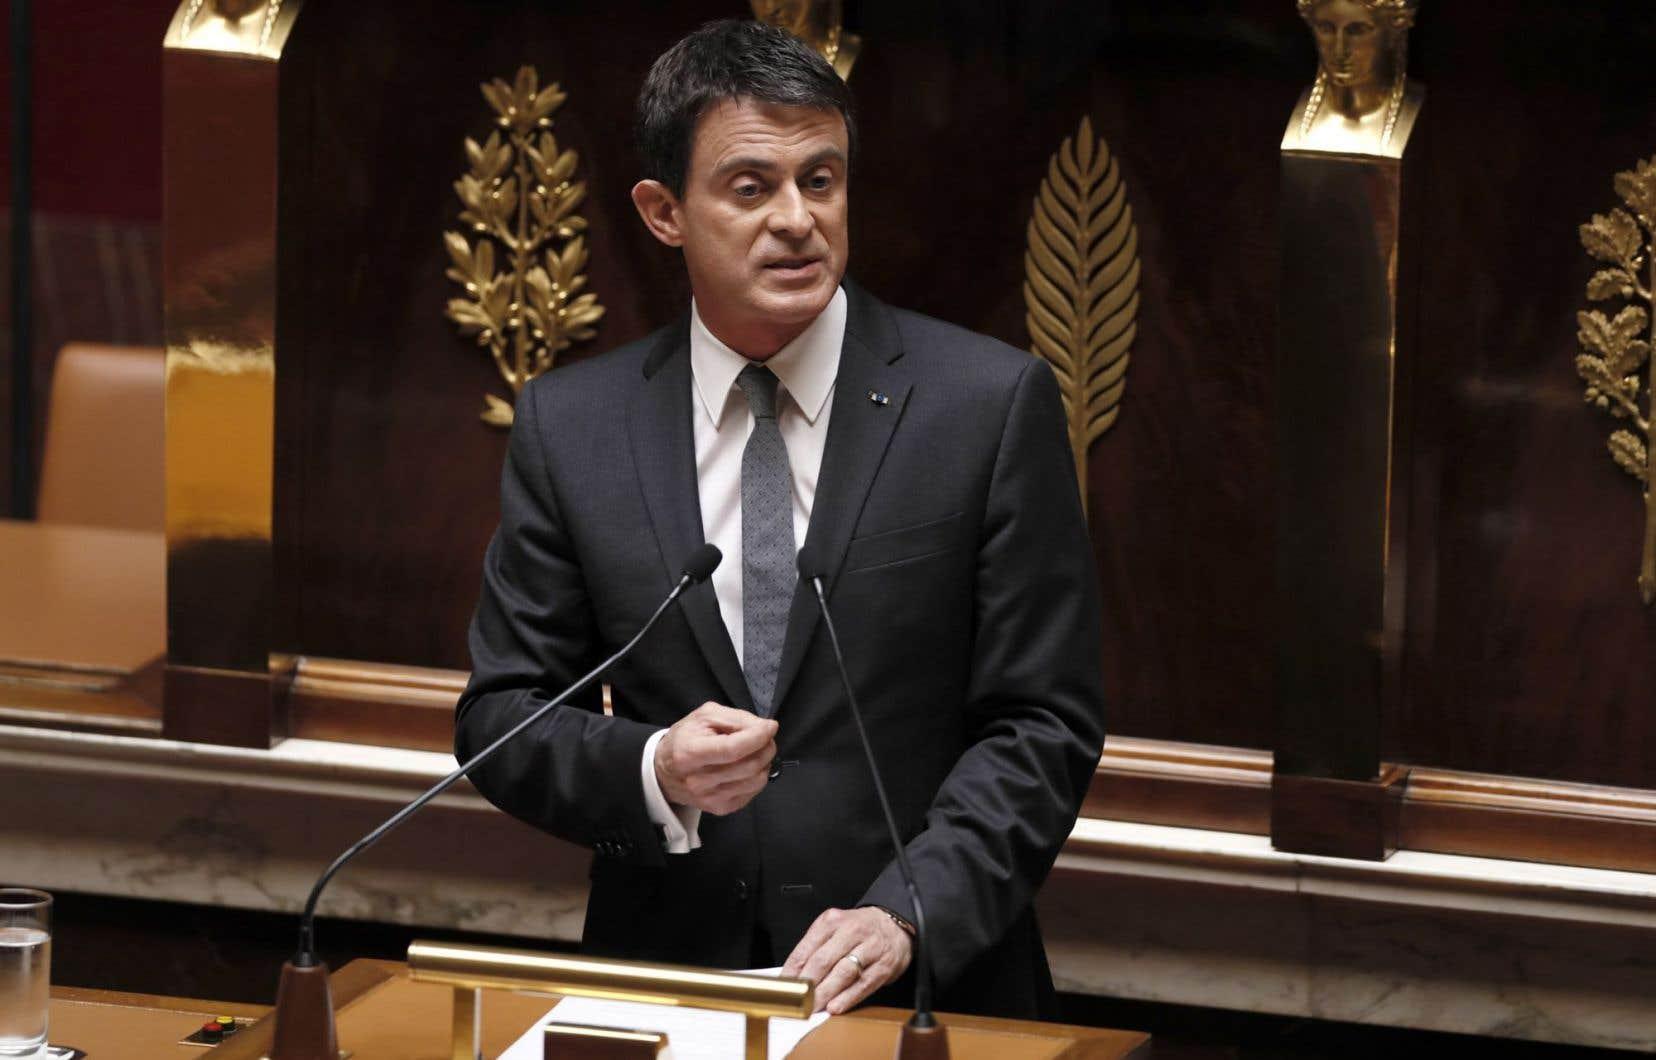 Le premier ministre français, Manuel Valls